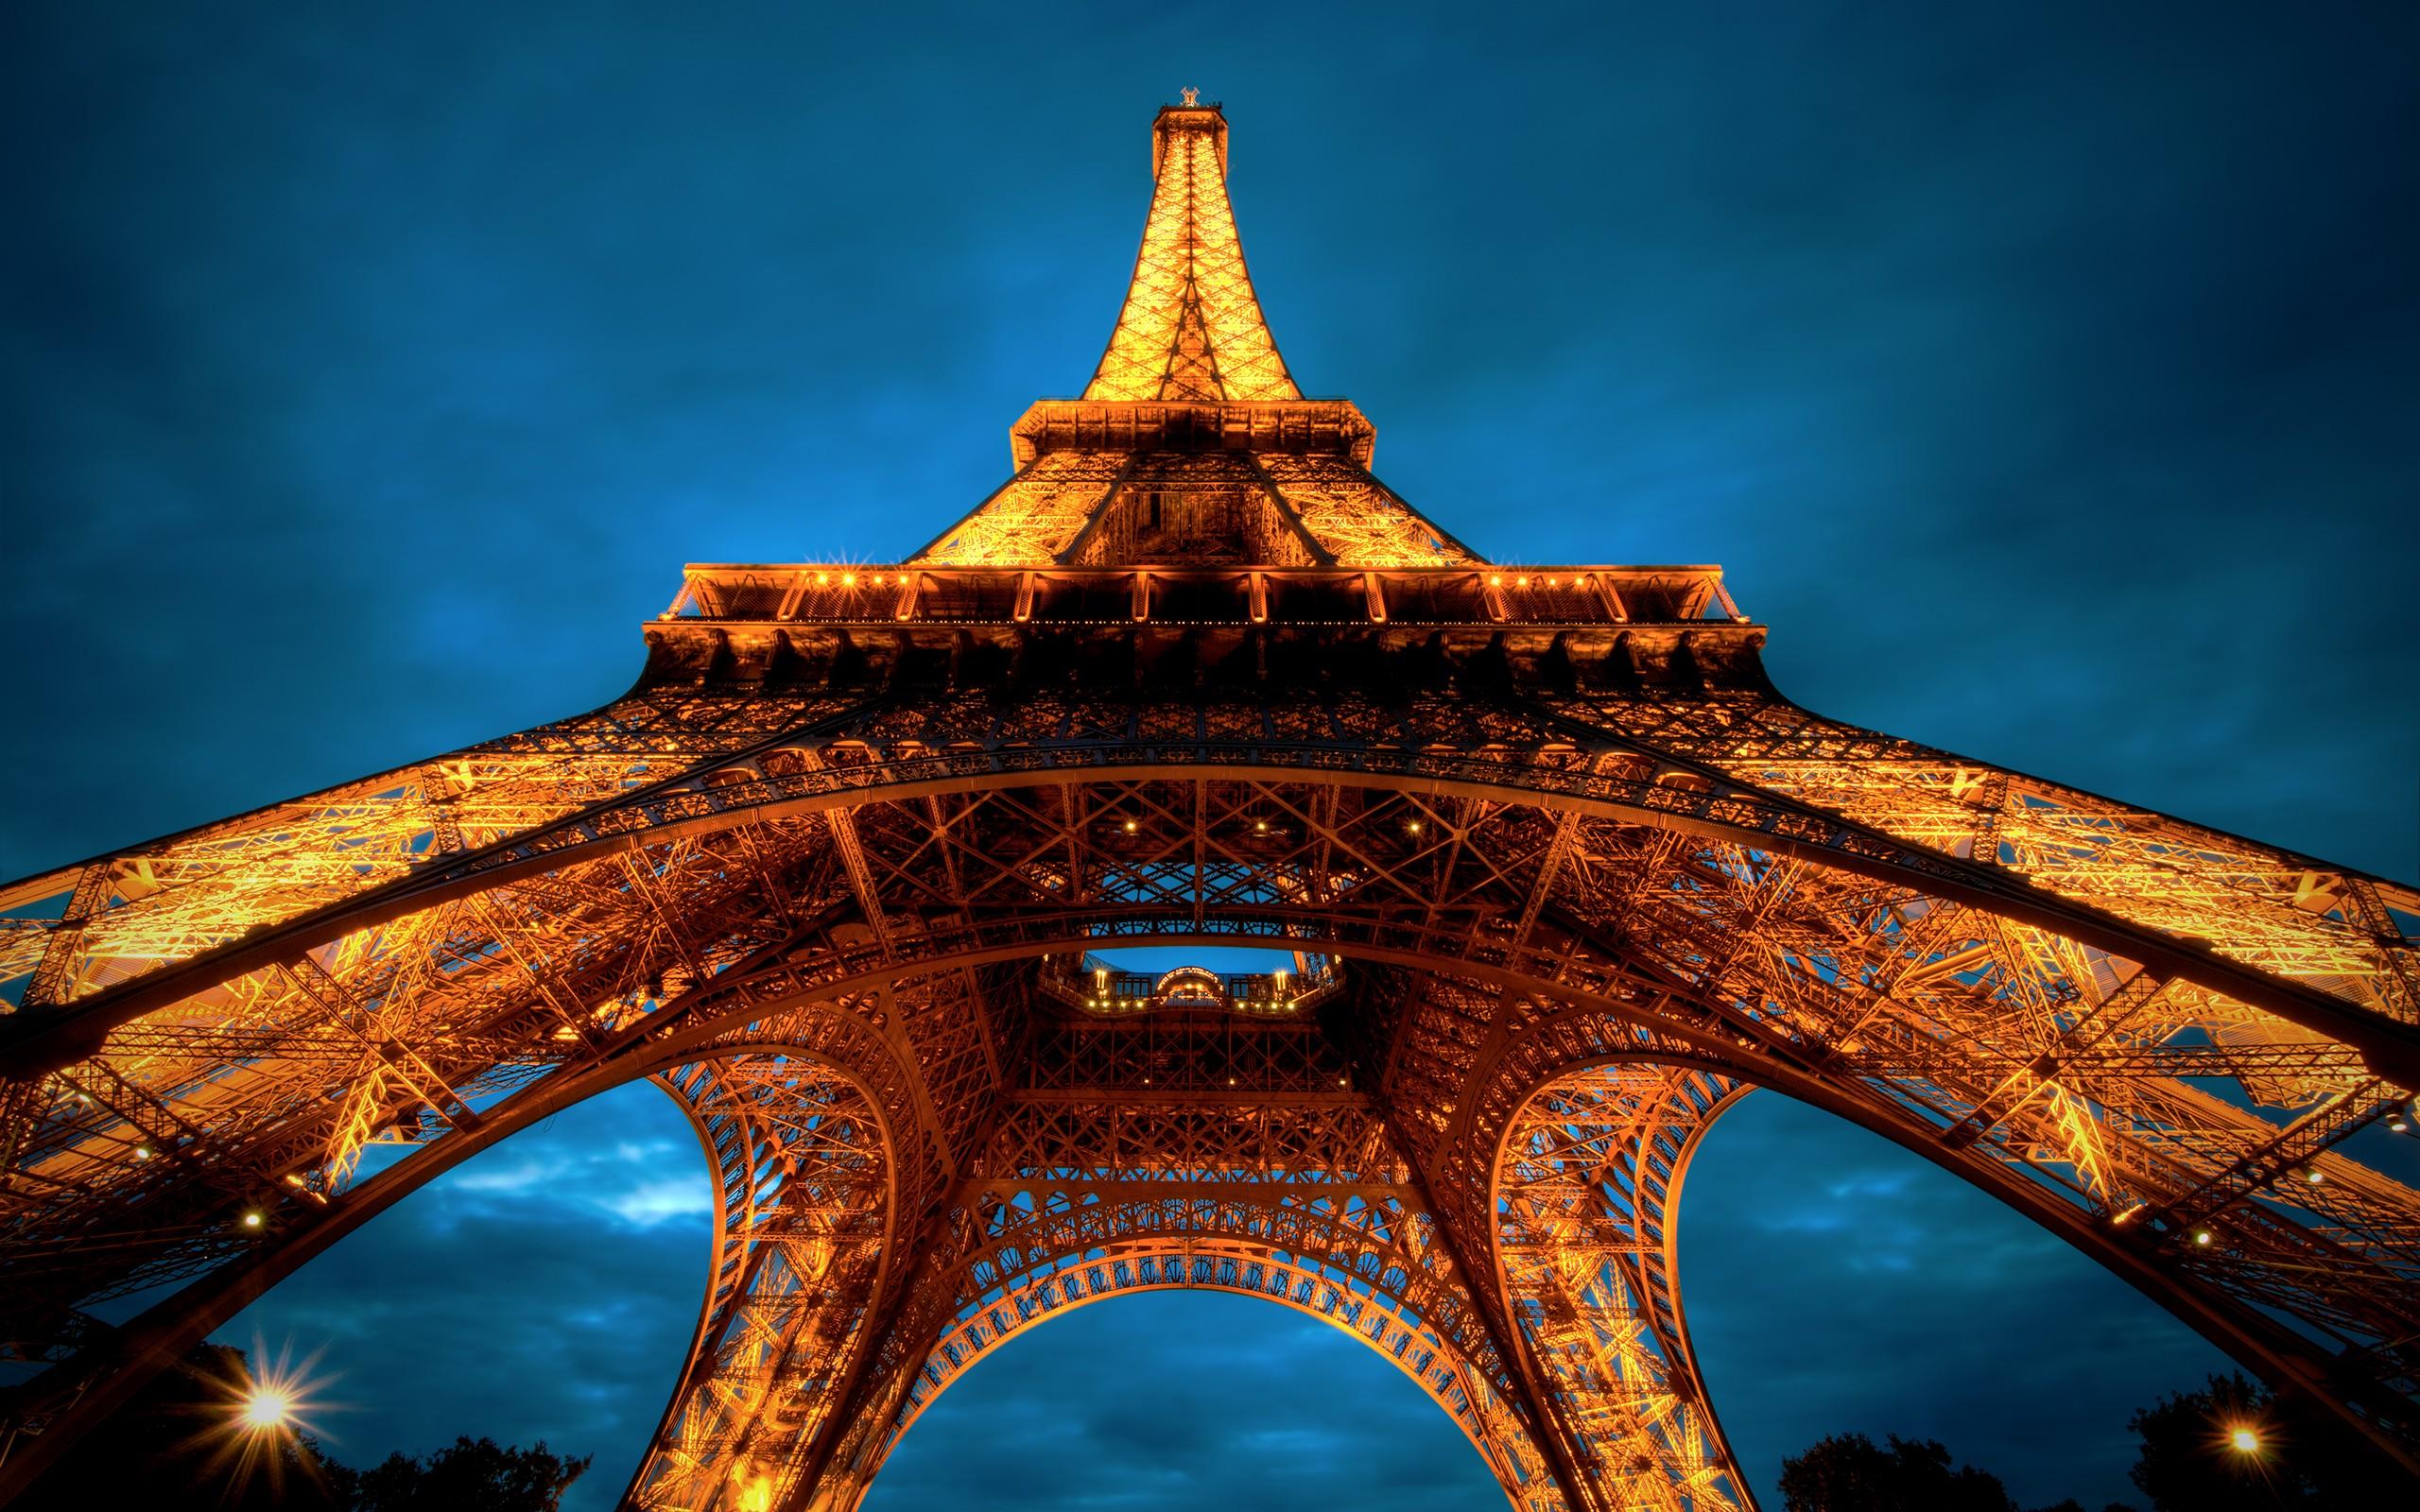 pariz-eifelovka-obrazky-na-plochu